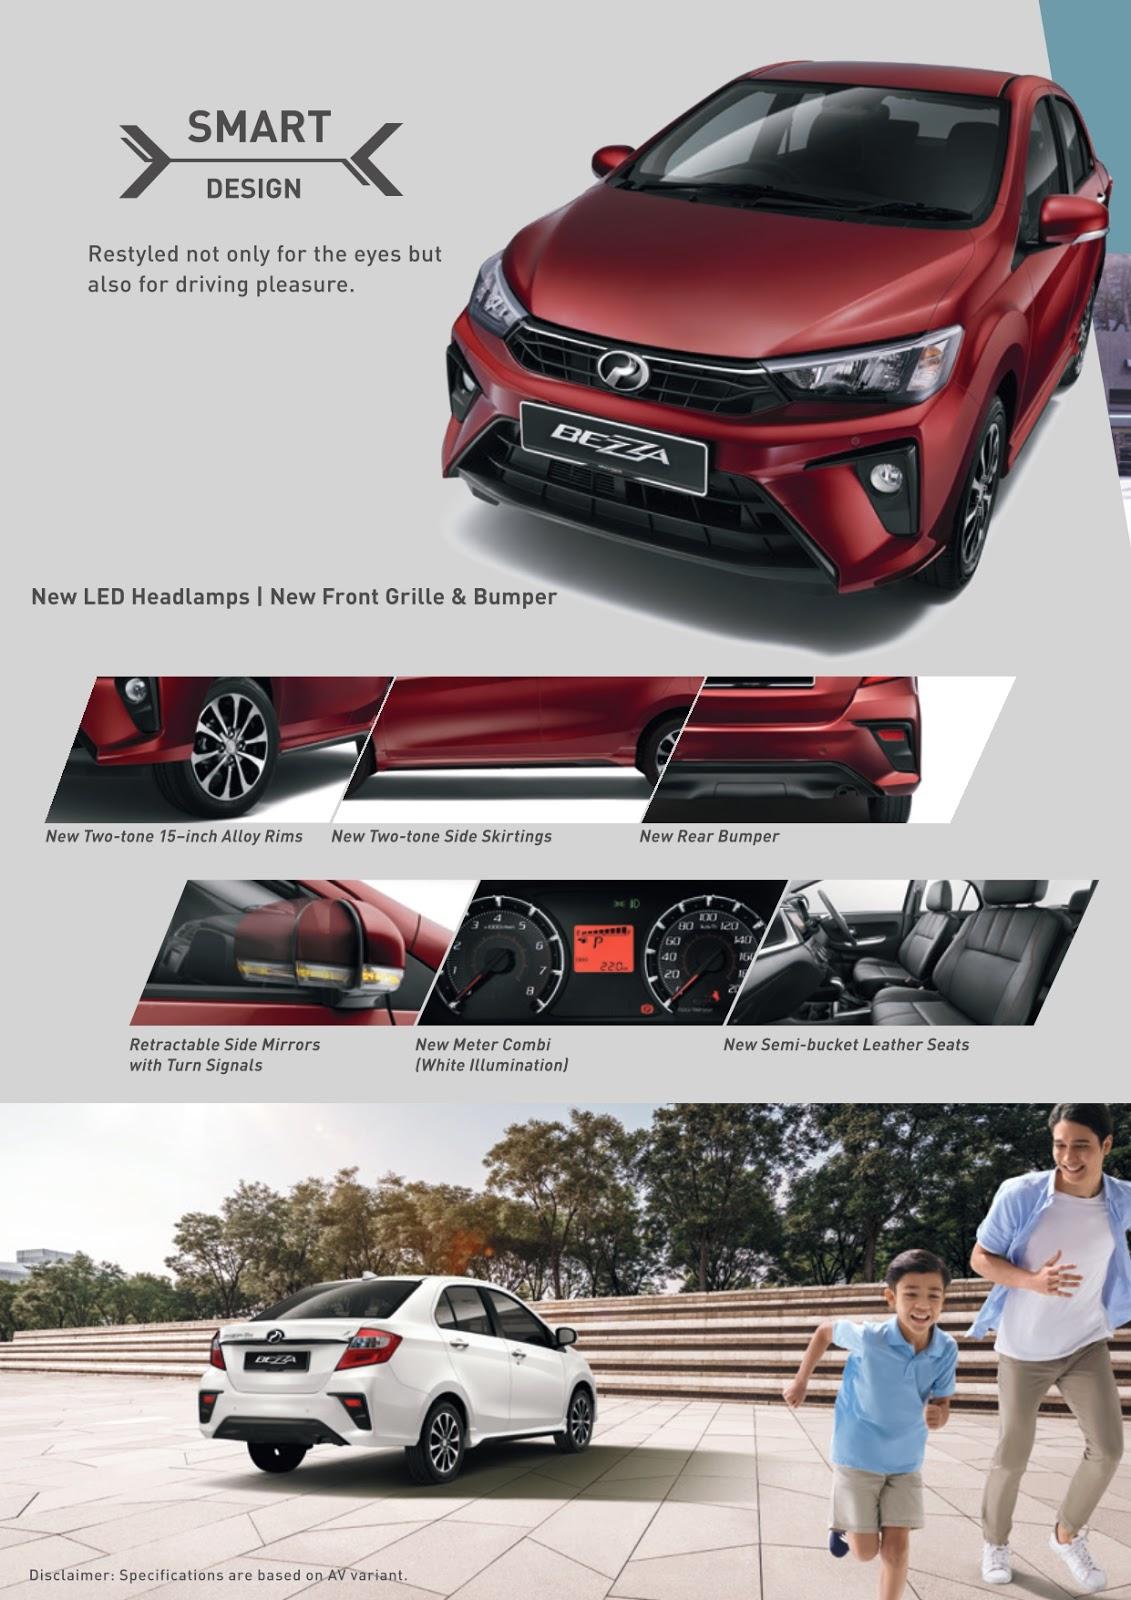 2021 perodua bezza 1.3 premium x (a)free tax book now get fast stock. Harga Perodua Bezza 2020 ~ BELI KERETA PERODUA TERUS DENGAN BRANCH HQ PERODUA